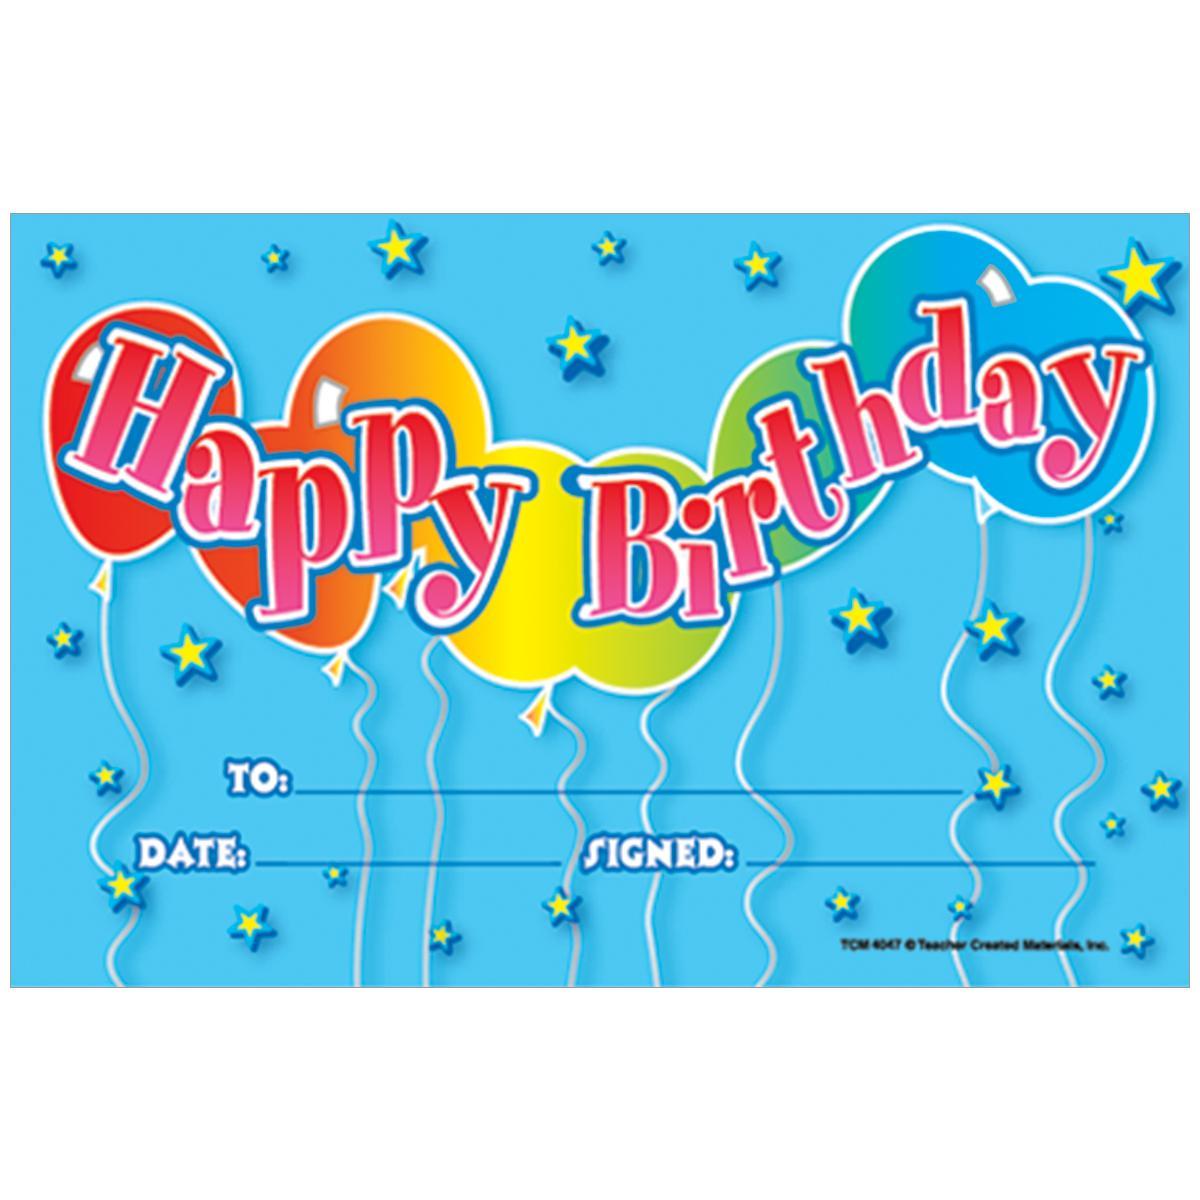 Happy Birthday 2 Awards